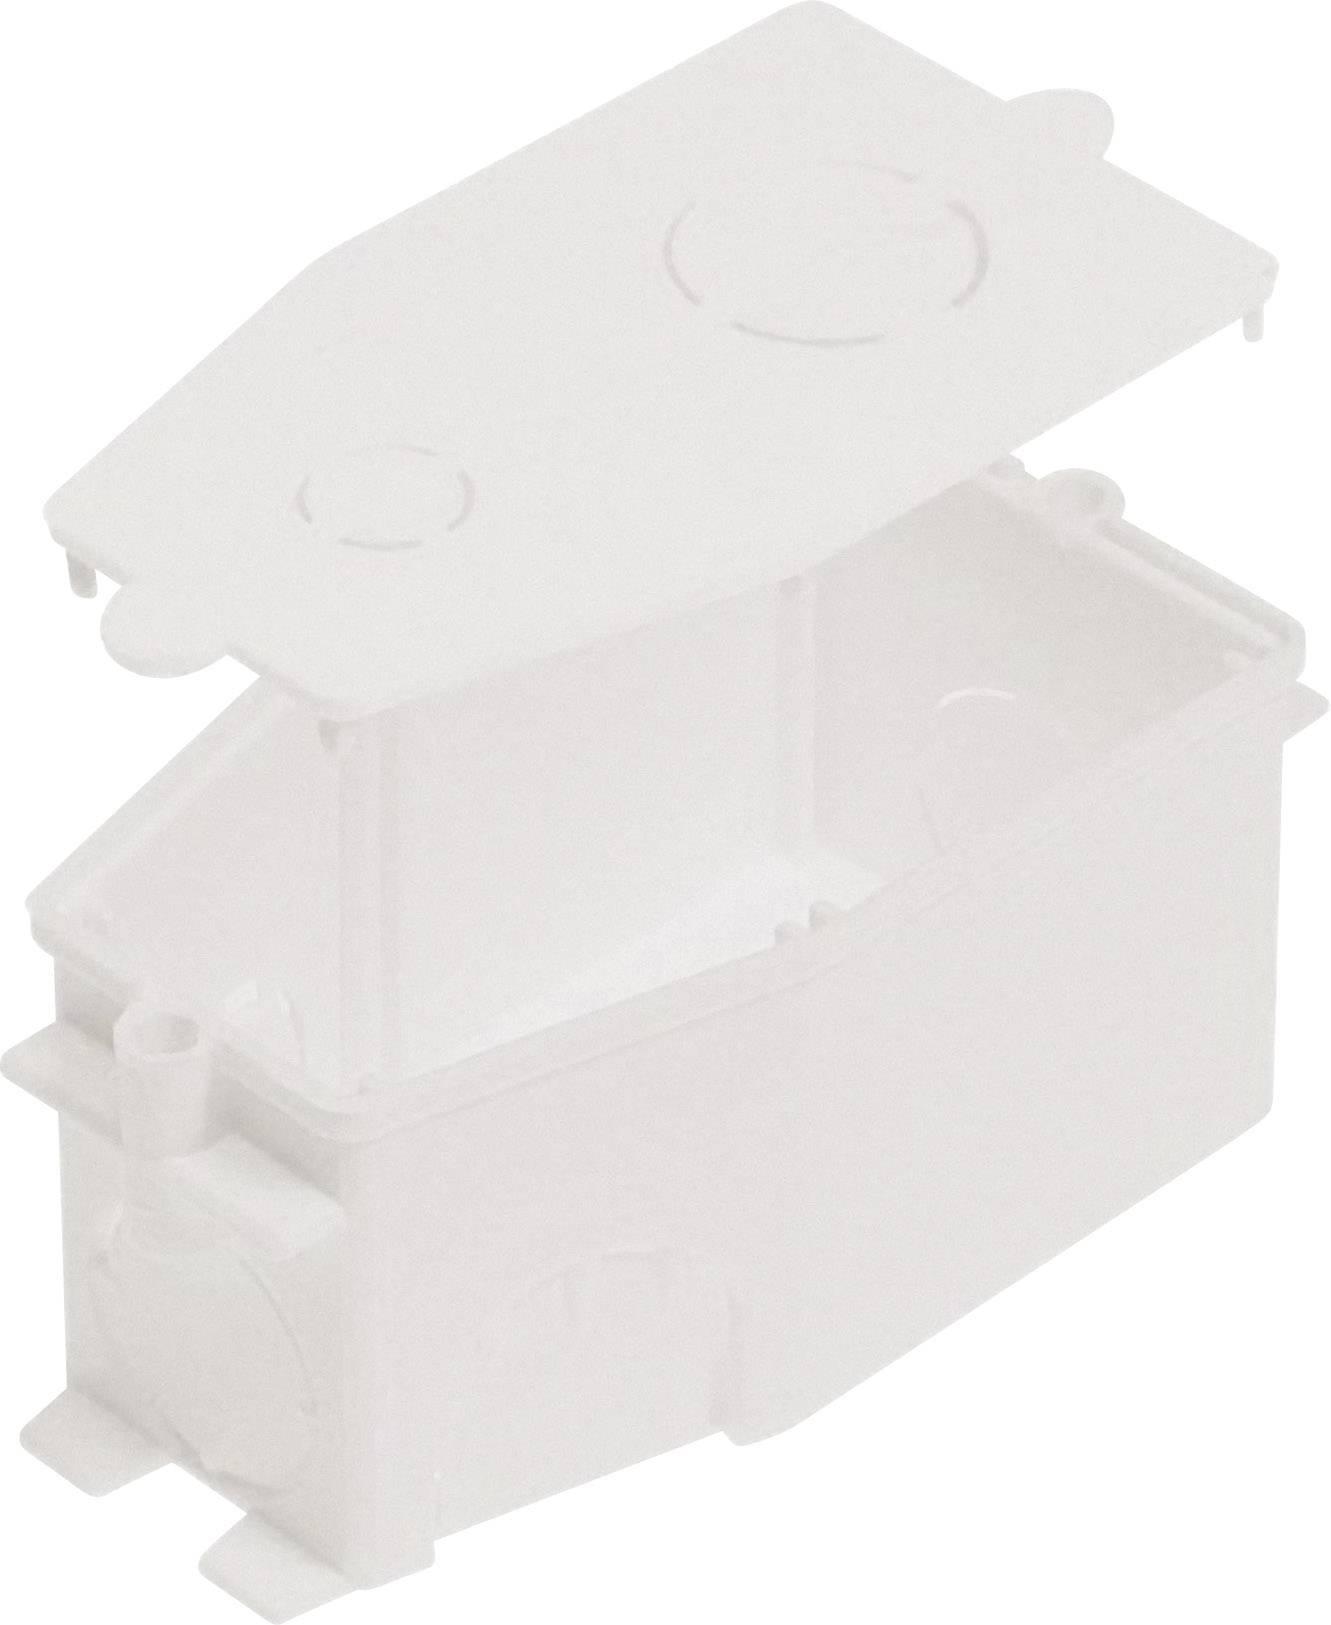 Nástěnná výstupní krabice